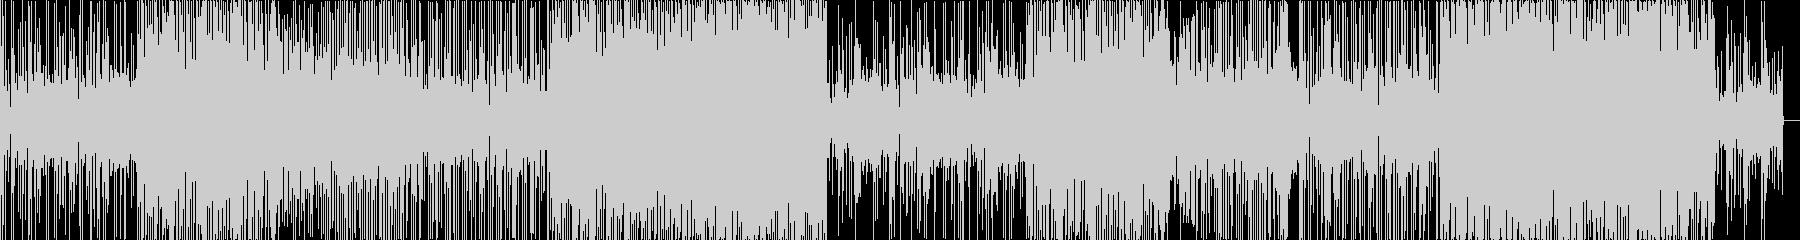 三味線、和風、エレクトロ、凛、モダンLの未再生の波形